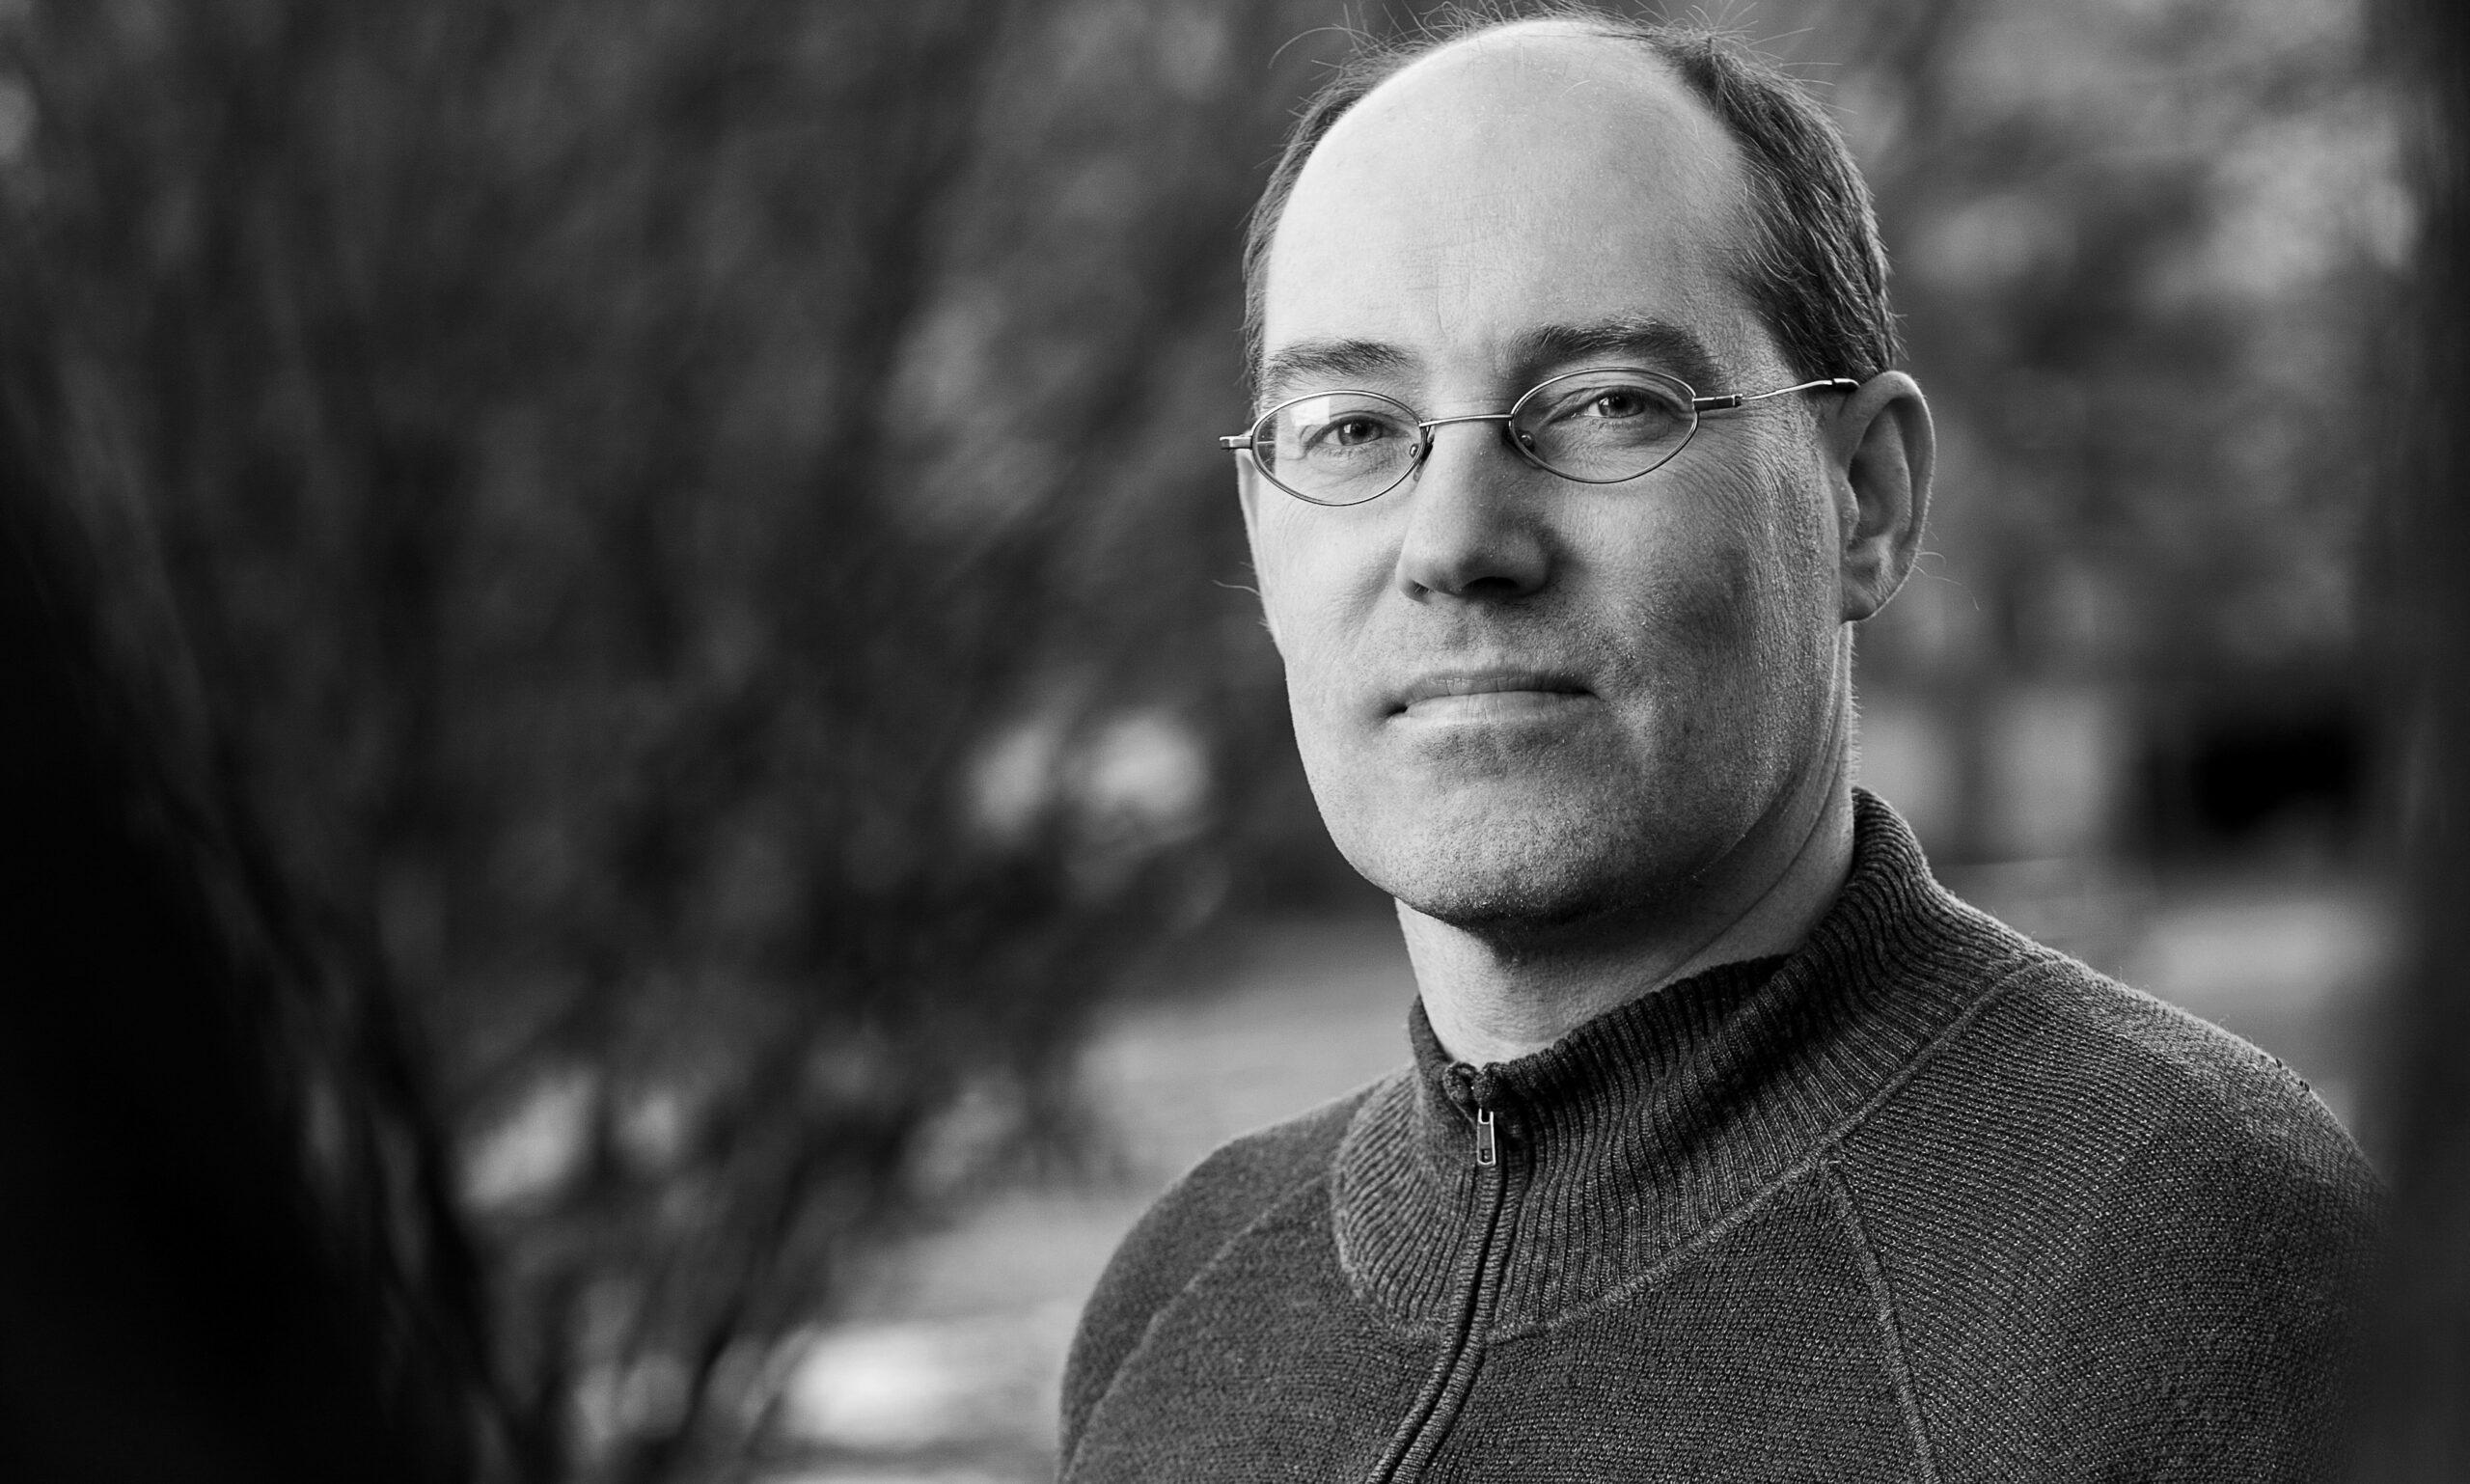 Carsten Rahbek om naturen: På alle de parametre, hvor man analyserer, ligger Danmark bagerst i Europa